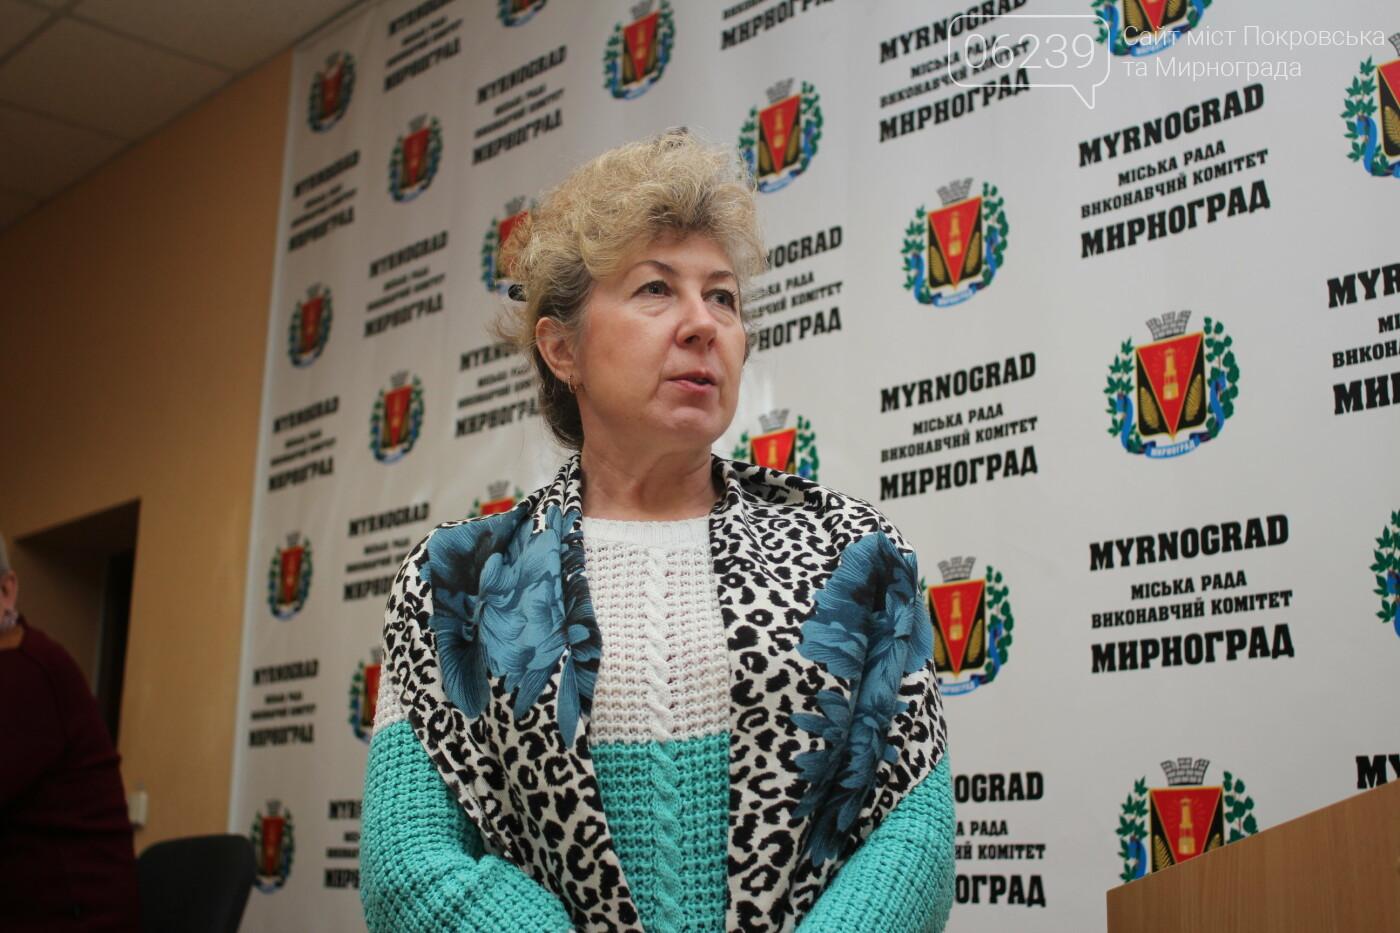 Изменения в бюджете и новый начальник отдела здравоохранения: в Мирнограде состоялась 72-я сессия горсовета, фото-6